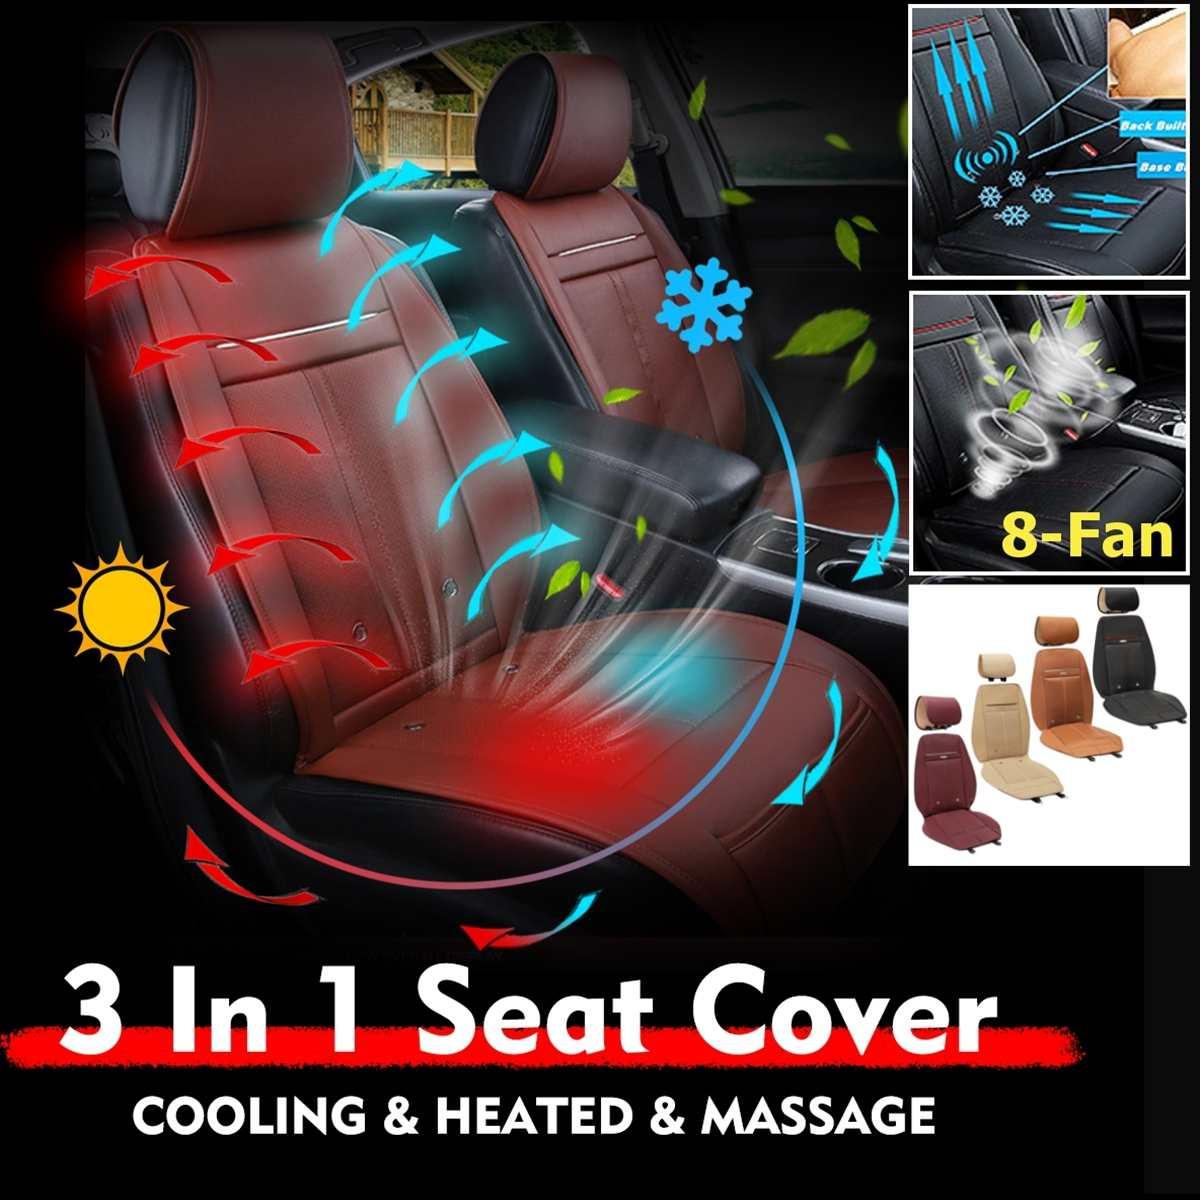 Housse de coussin de siège de Massage chauffant 3 en 1 en cuir pour voiture avec coussin de siège chauffant pour conducteur de voiture 4FAN/8